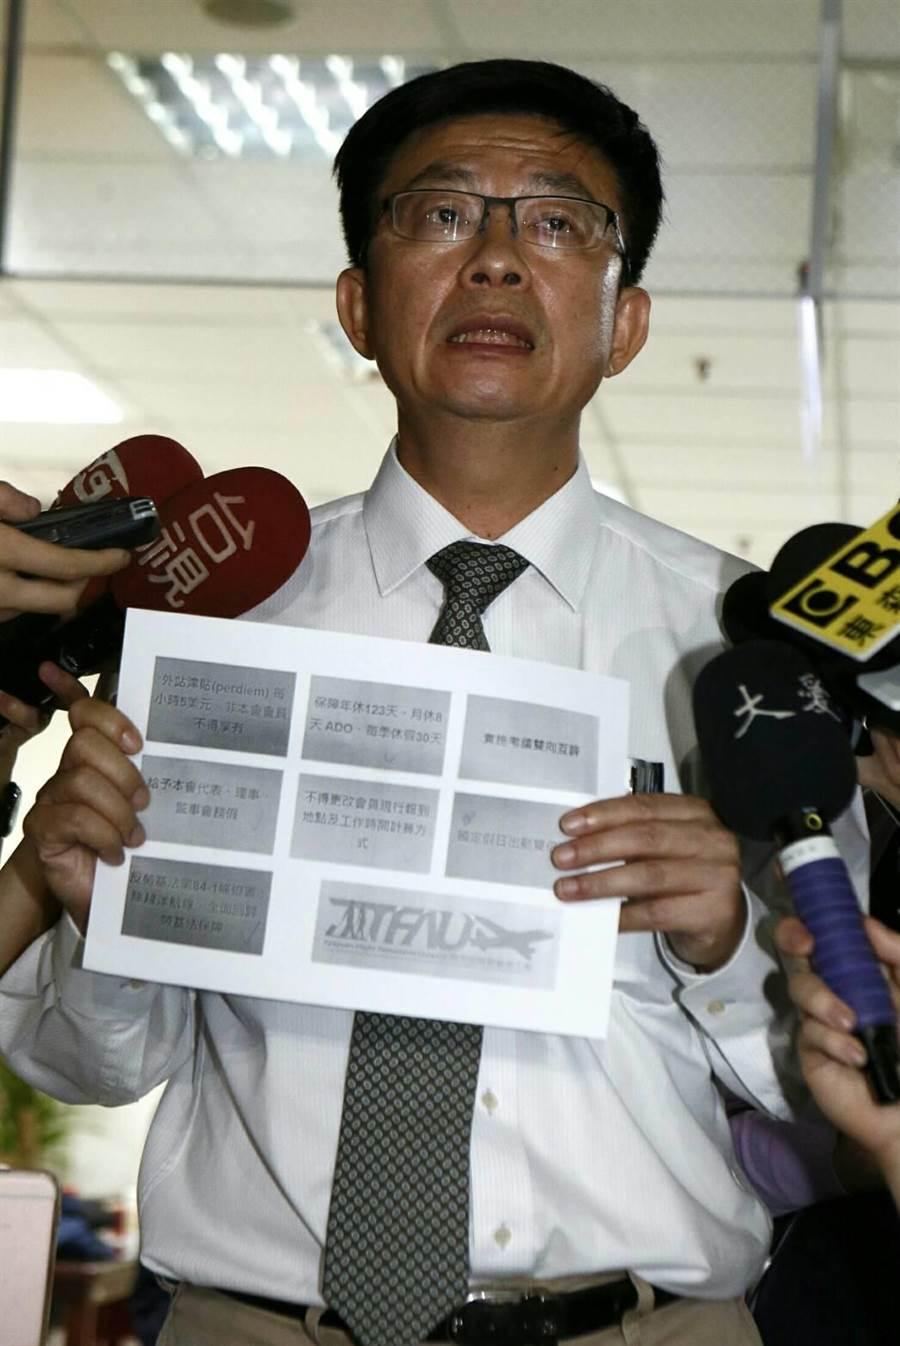 勞動部次長郭國文對媒體發表談判進展。(張鎧乙攝)